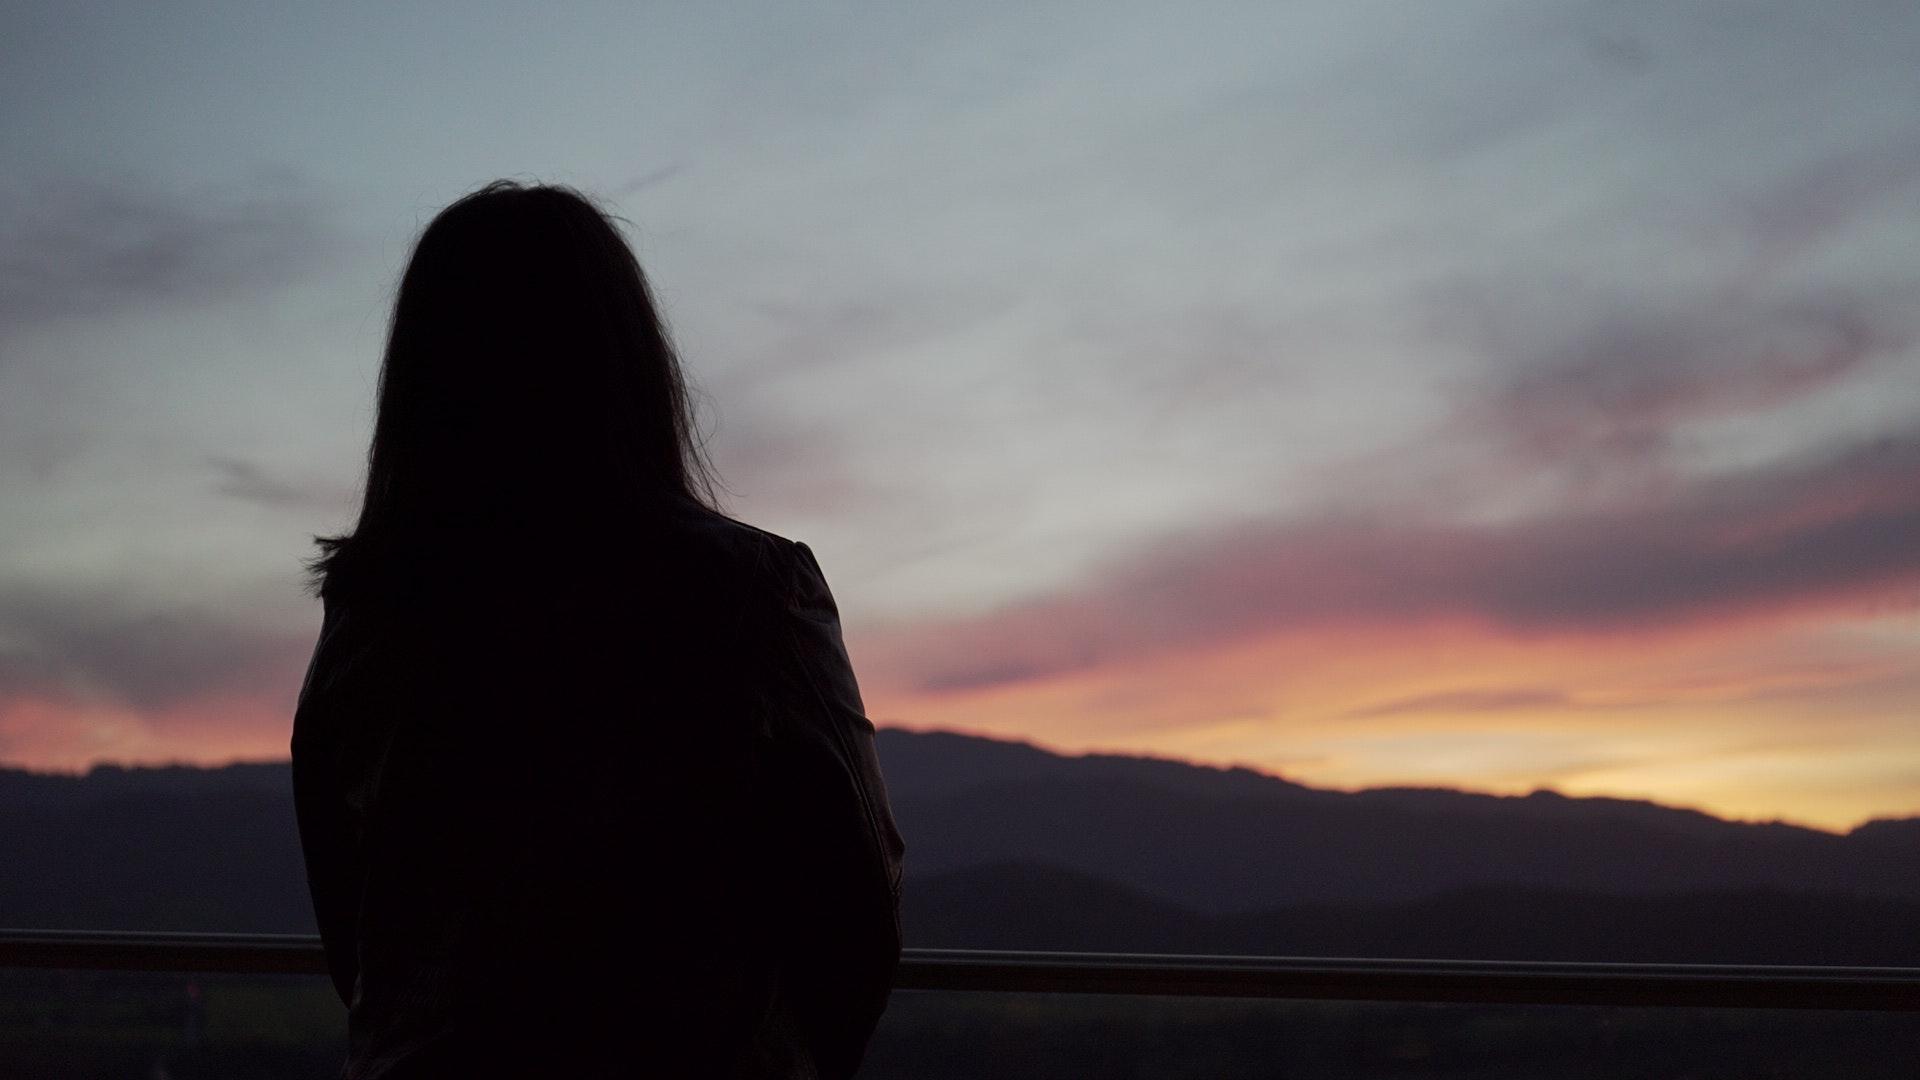 ba836b04ef Foto de stock gratuita sobre mujer, puesta de sol